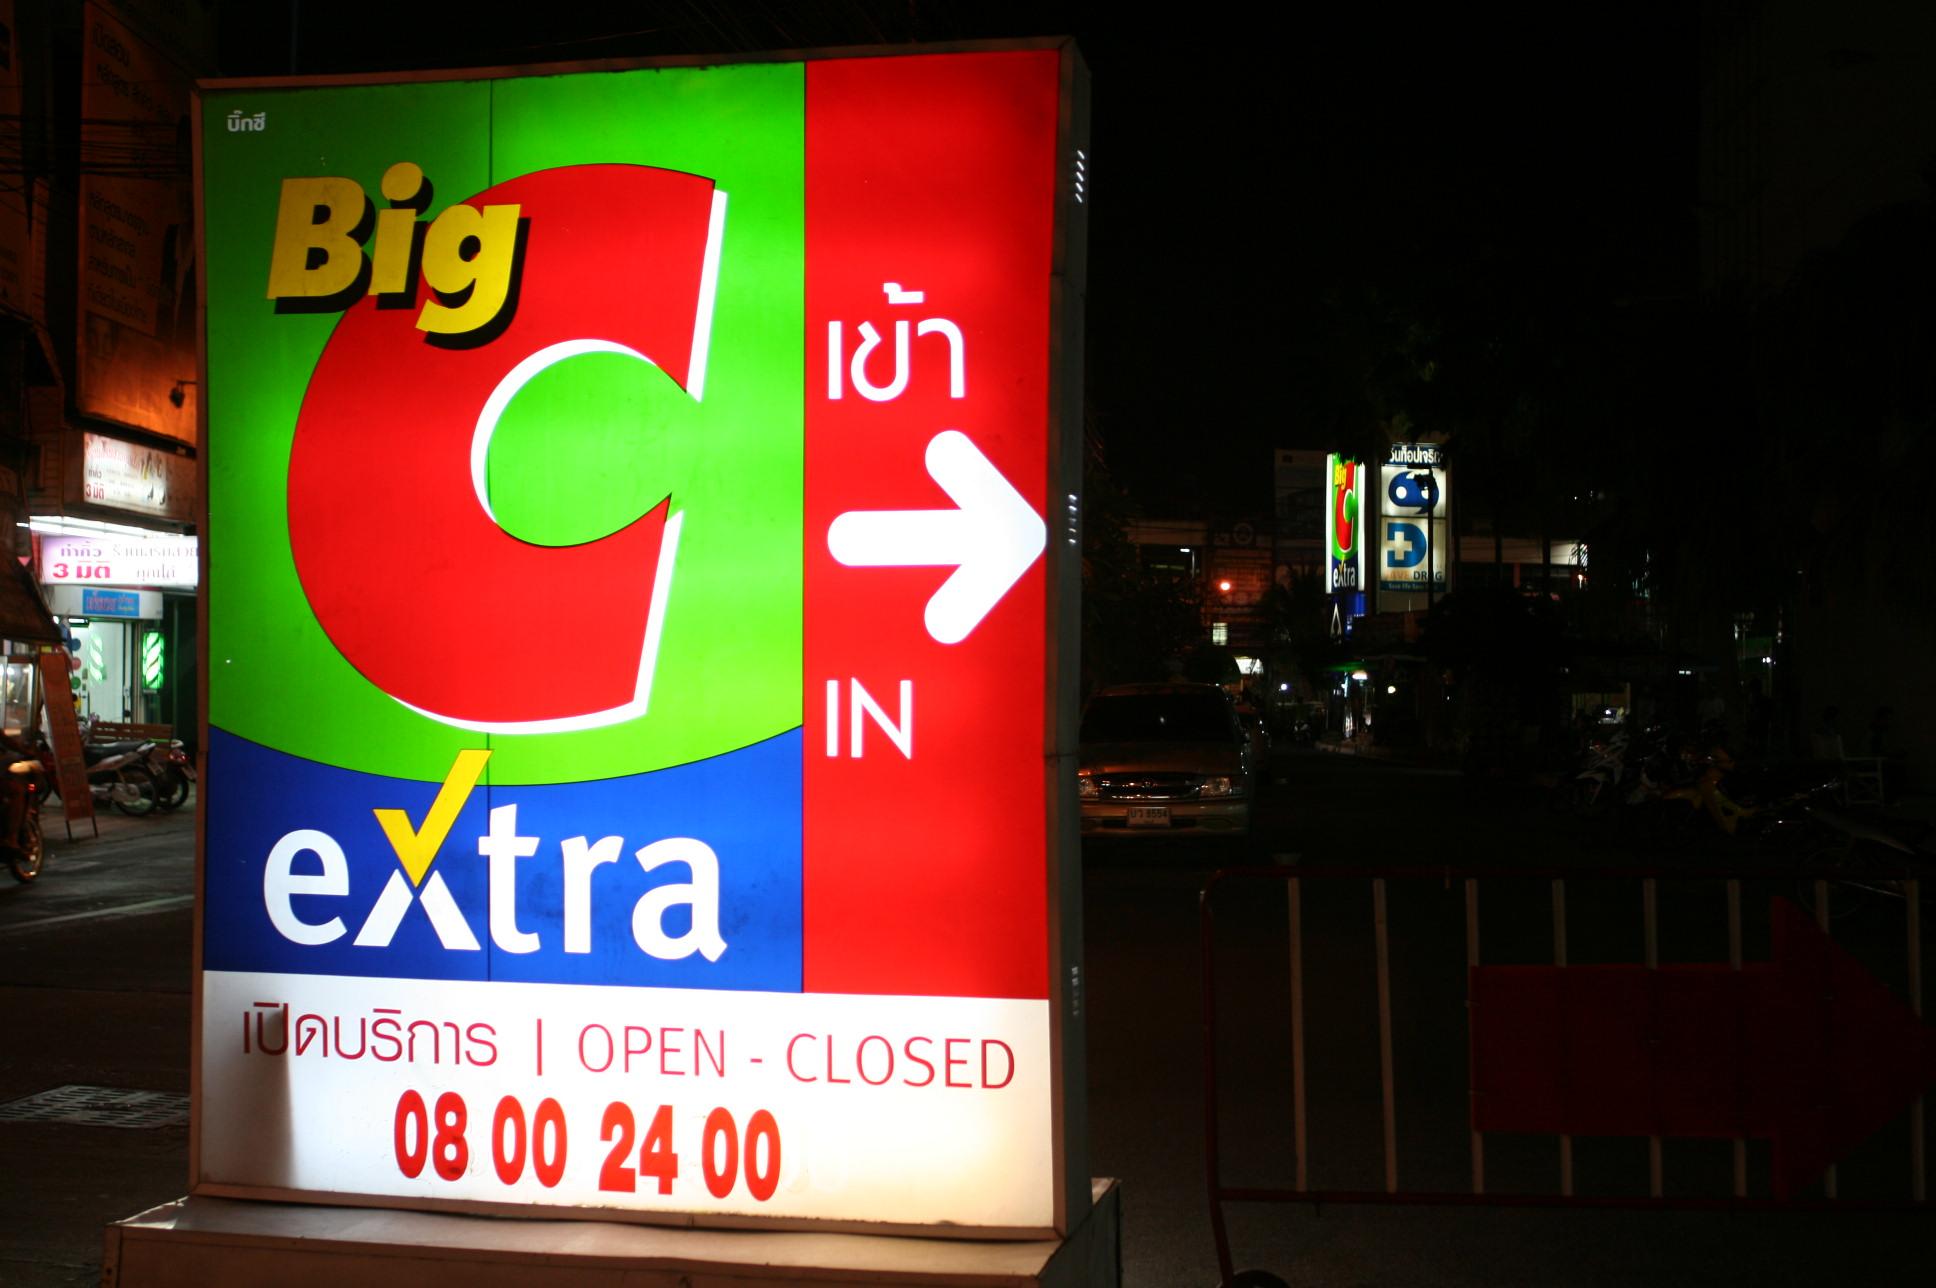 BigC extra